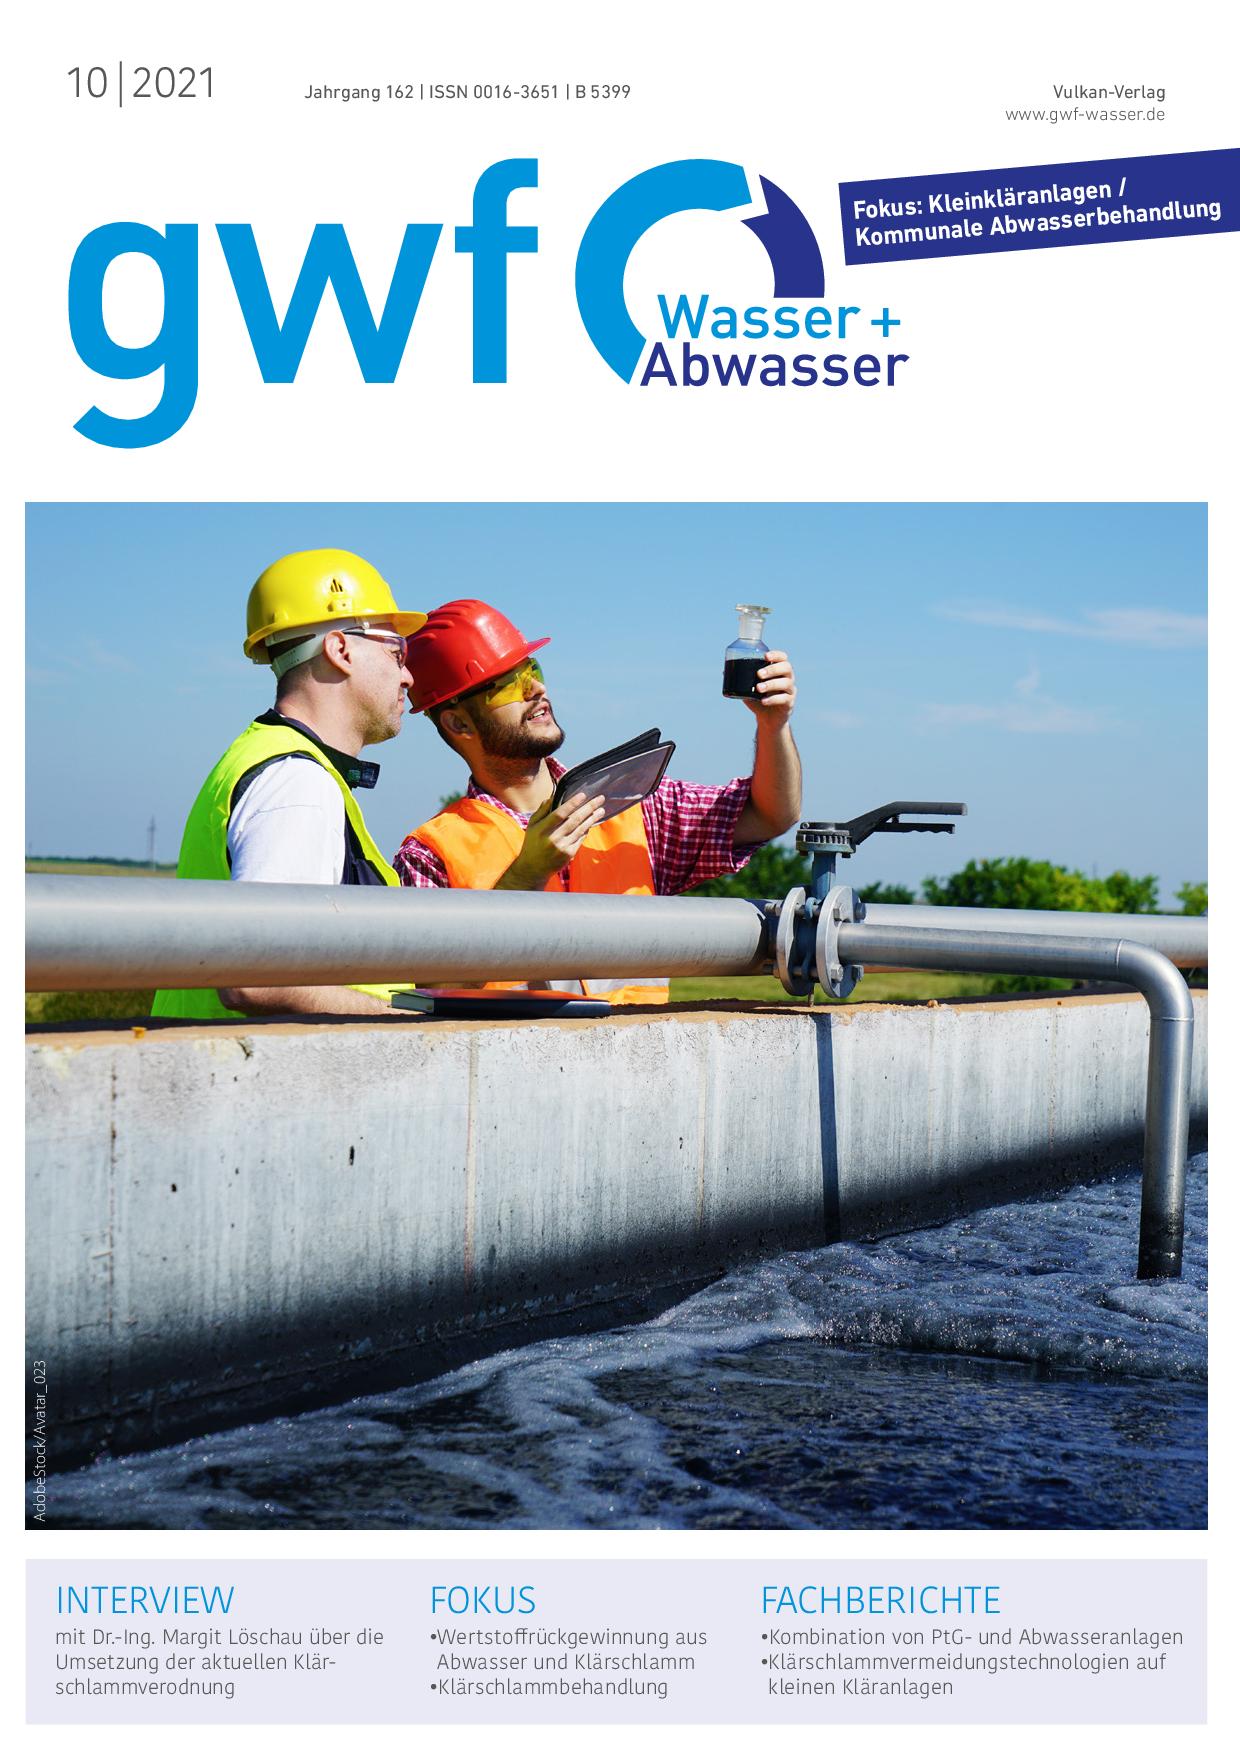 gwf – Wasser Abwasser – 10 2021